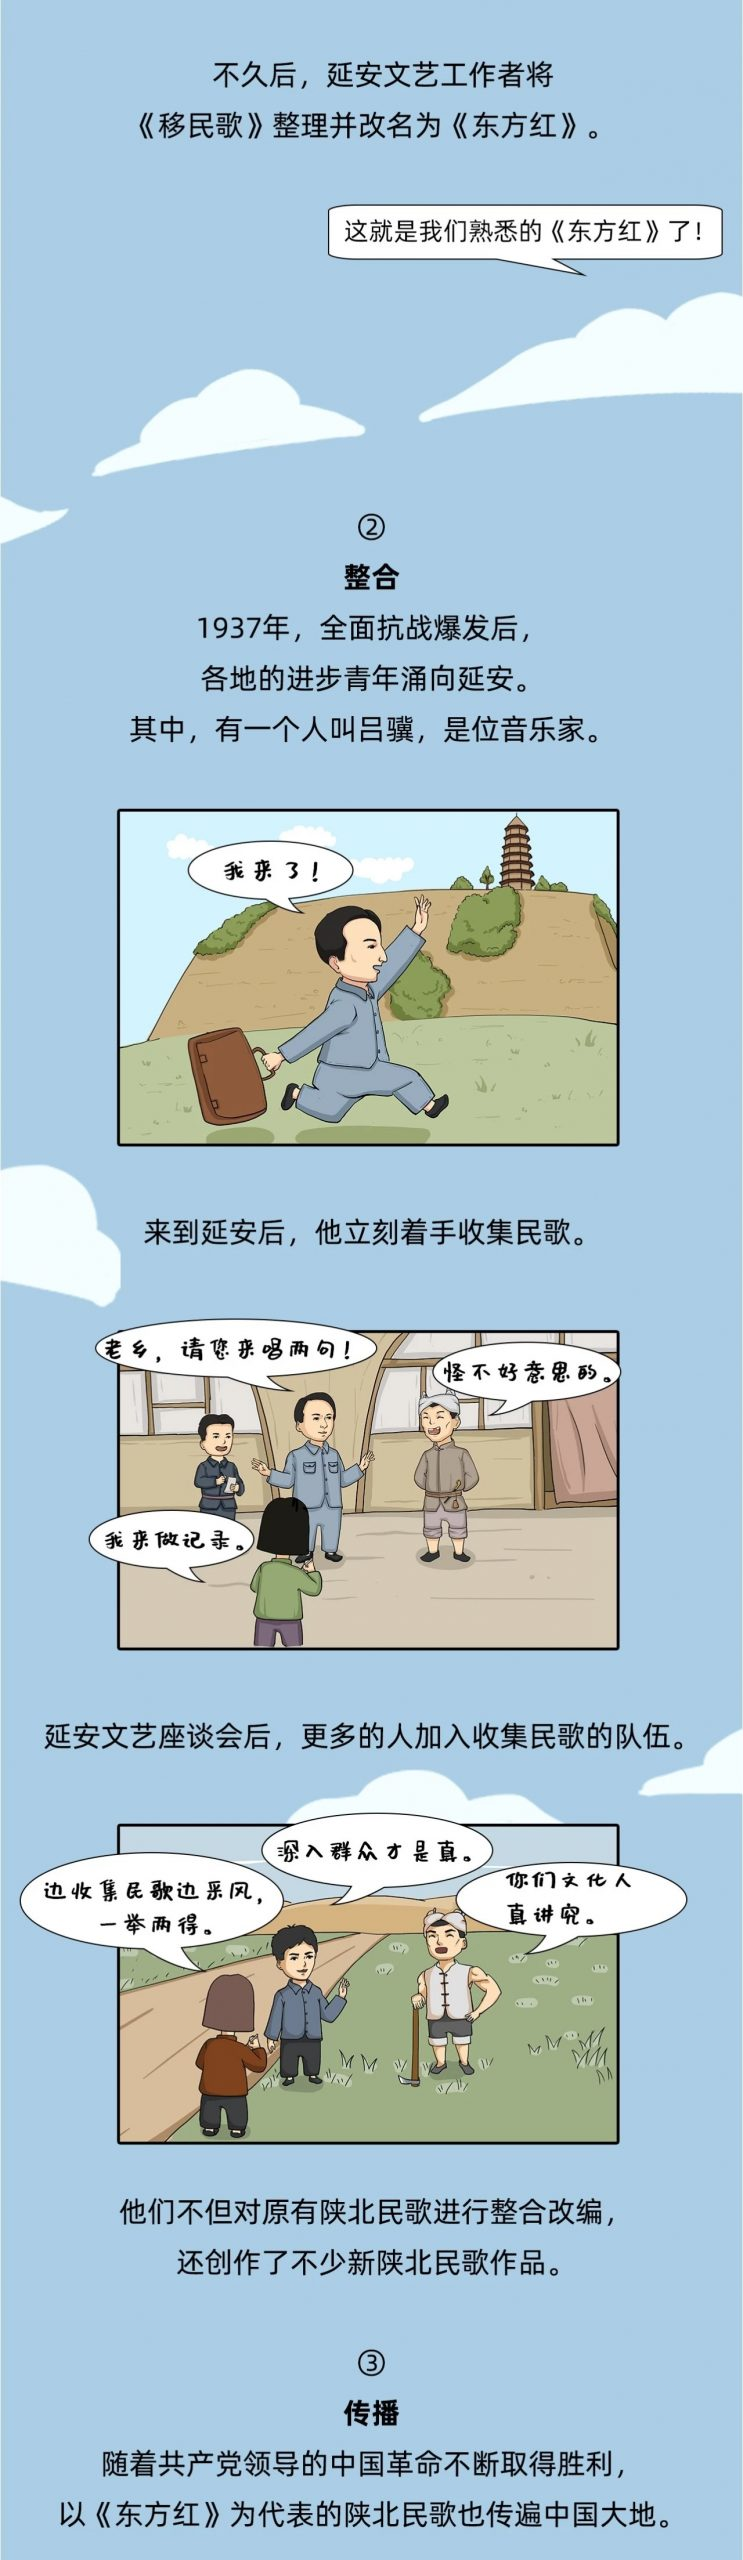 与时代同行,陕北民歌成长记